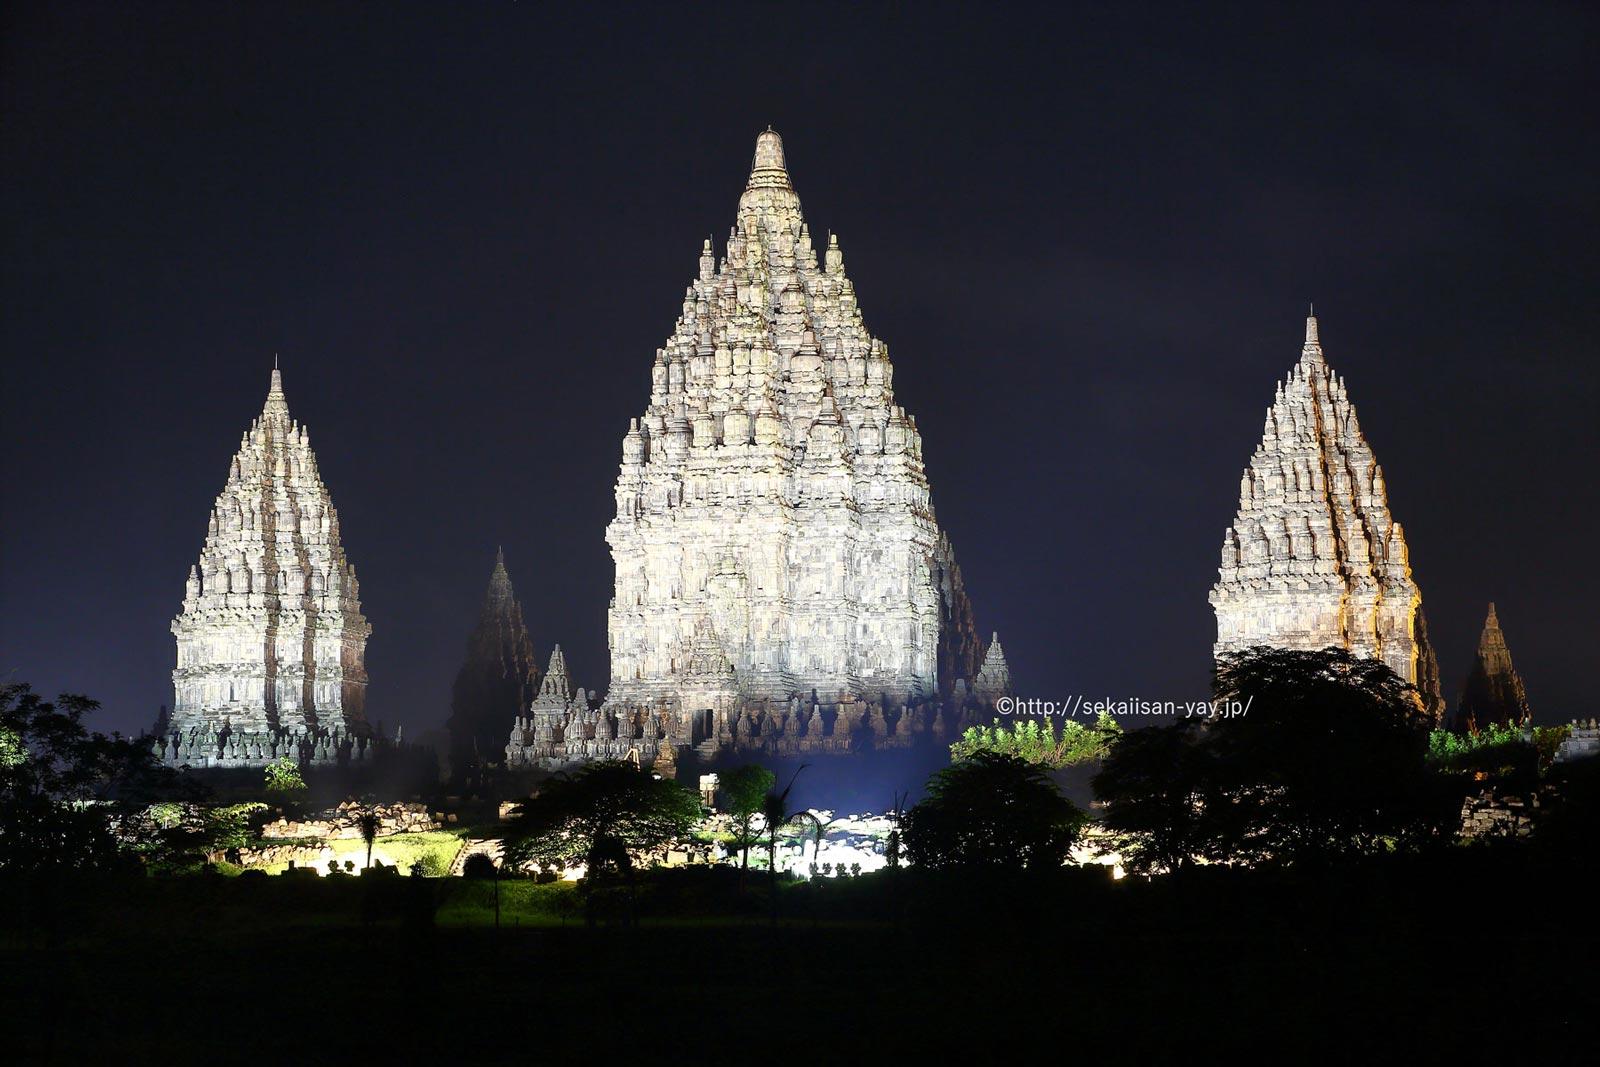 インドネシア「プランバナン寺院遺跡群」